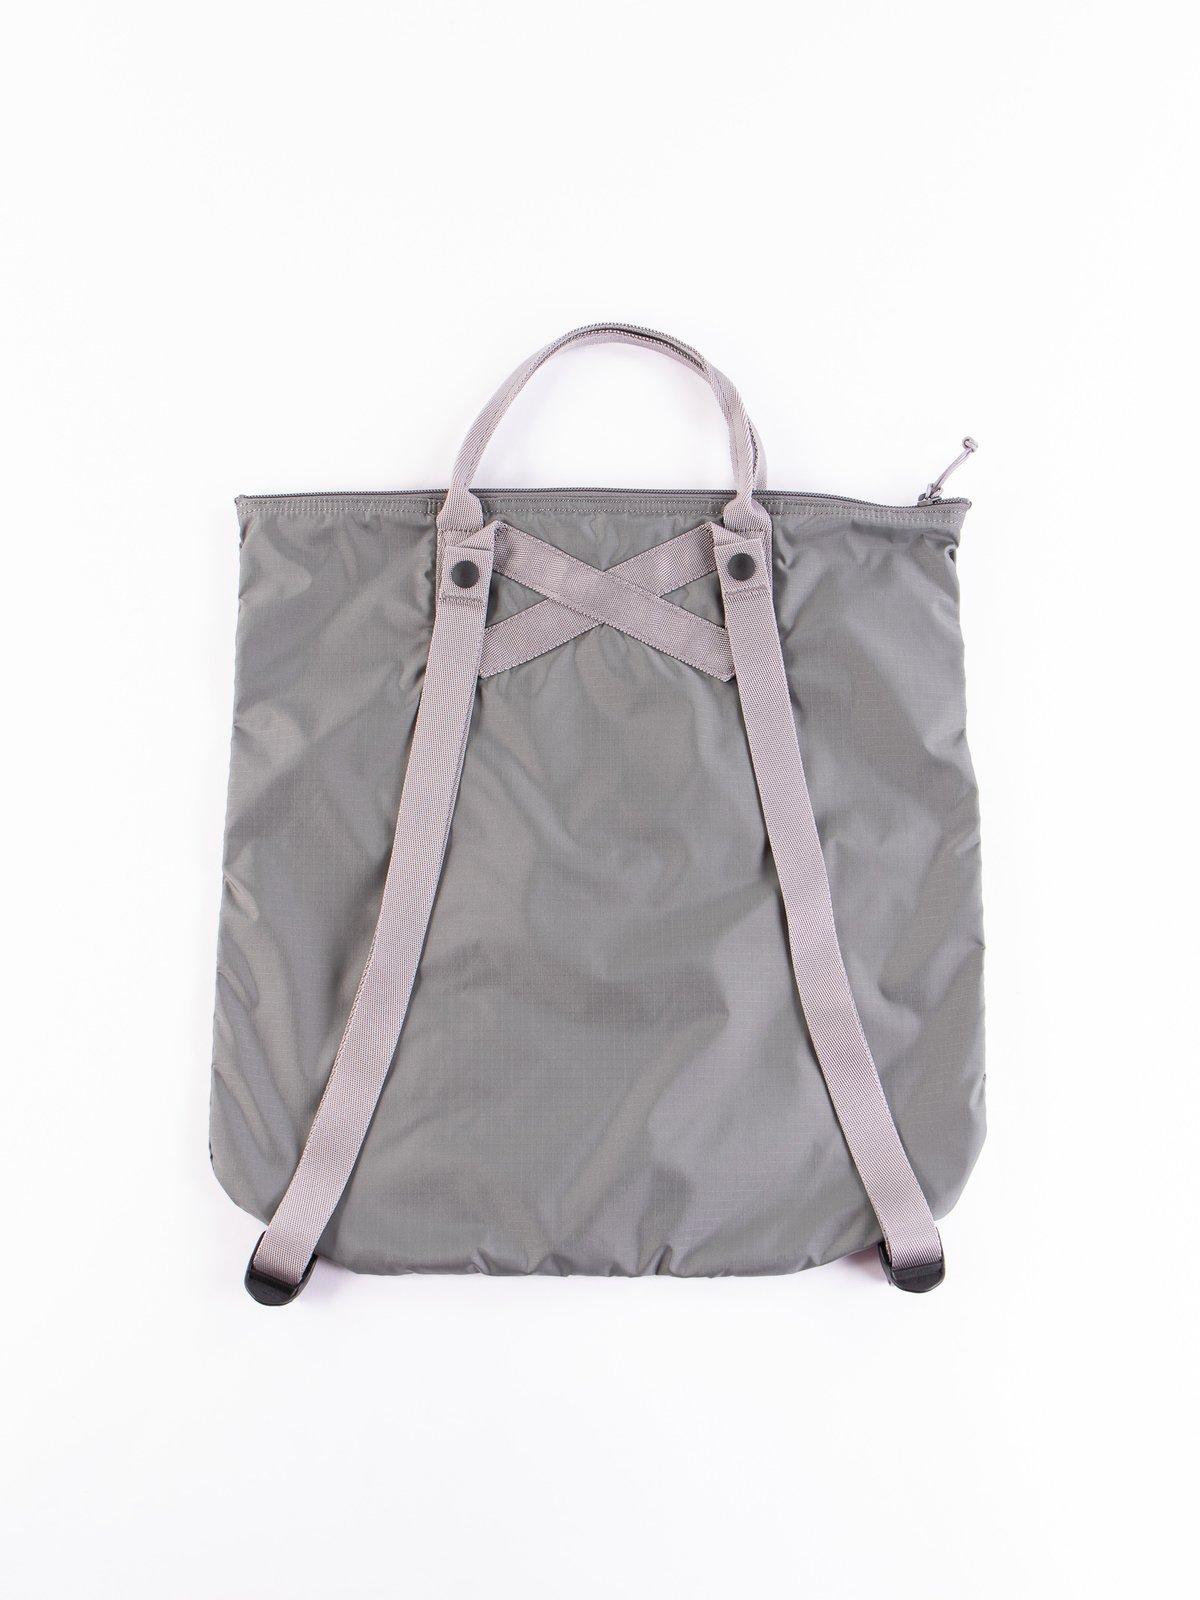 Grey Flex 2Way Tote Bag - Image 4